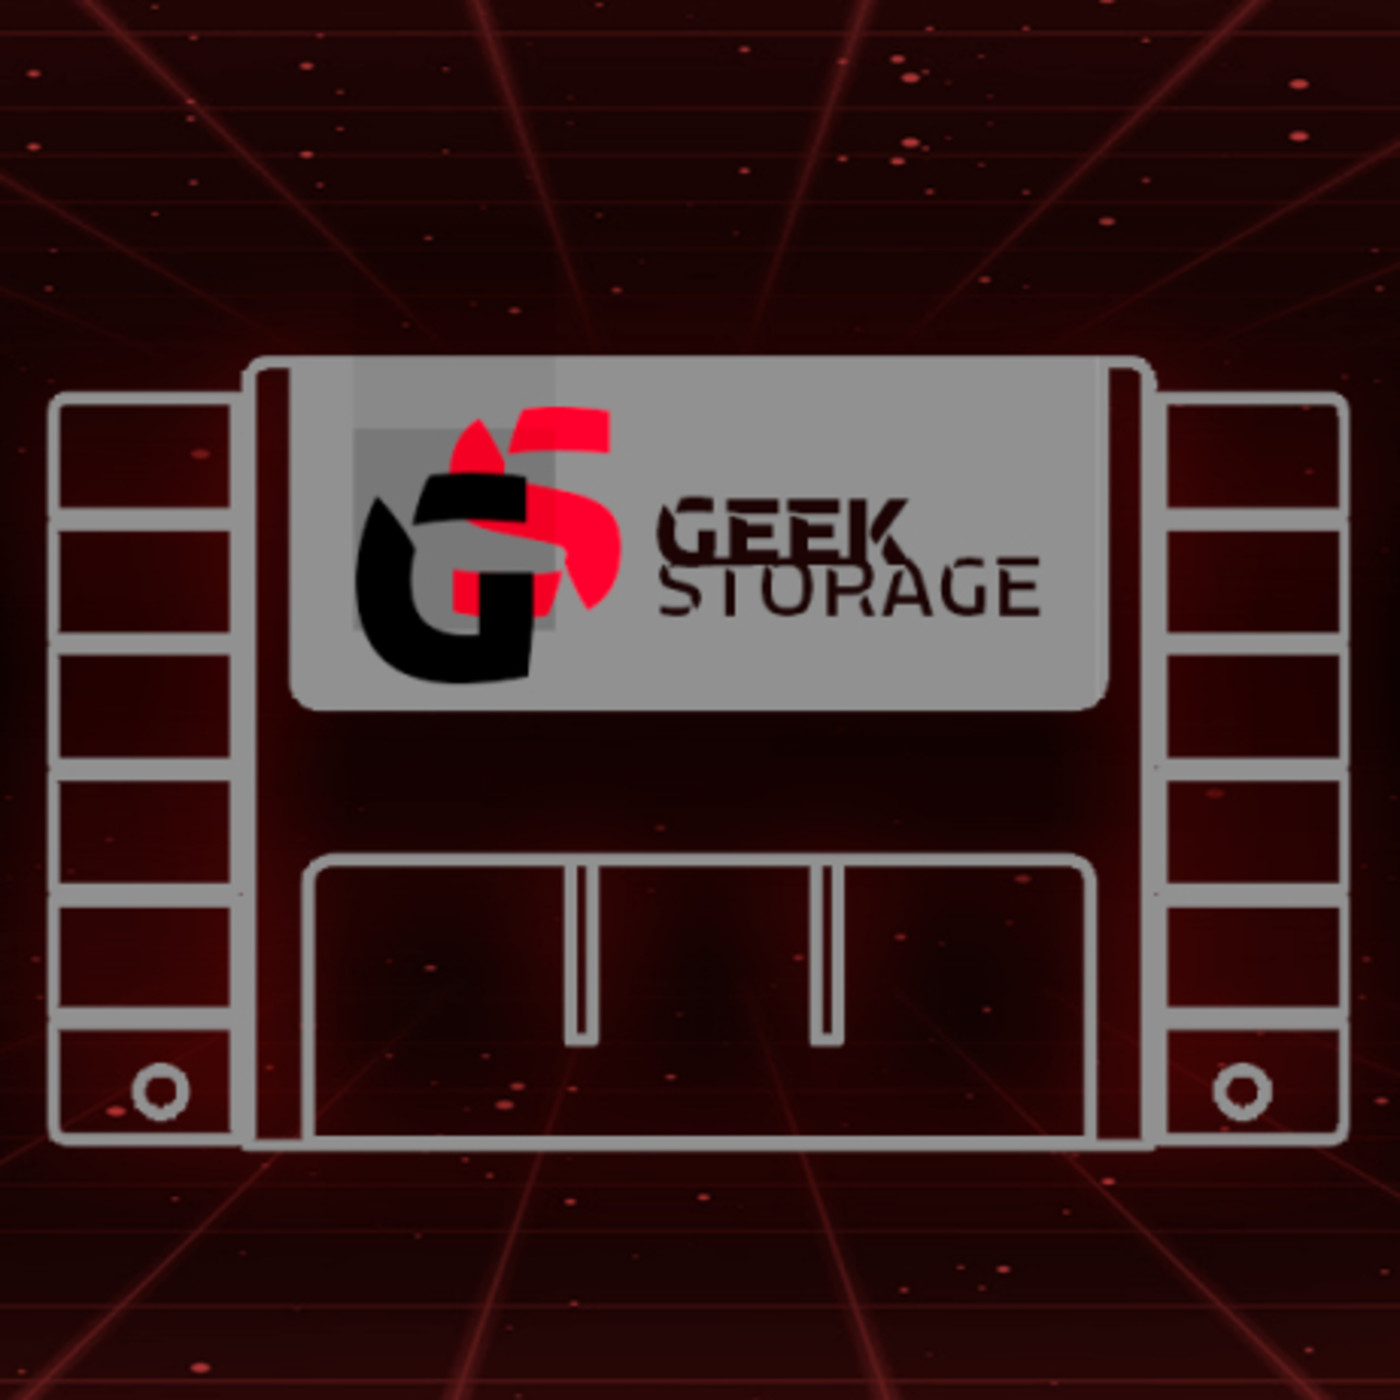 GeekStorage